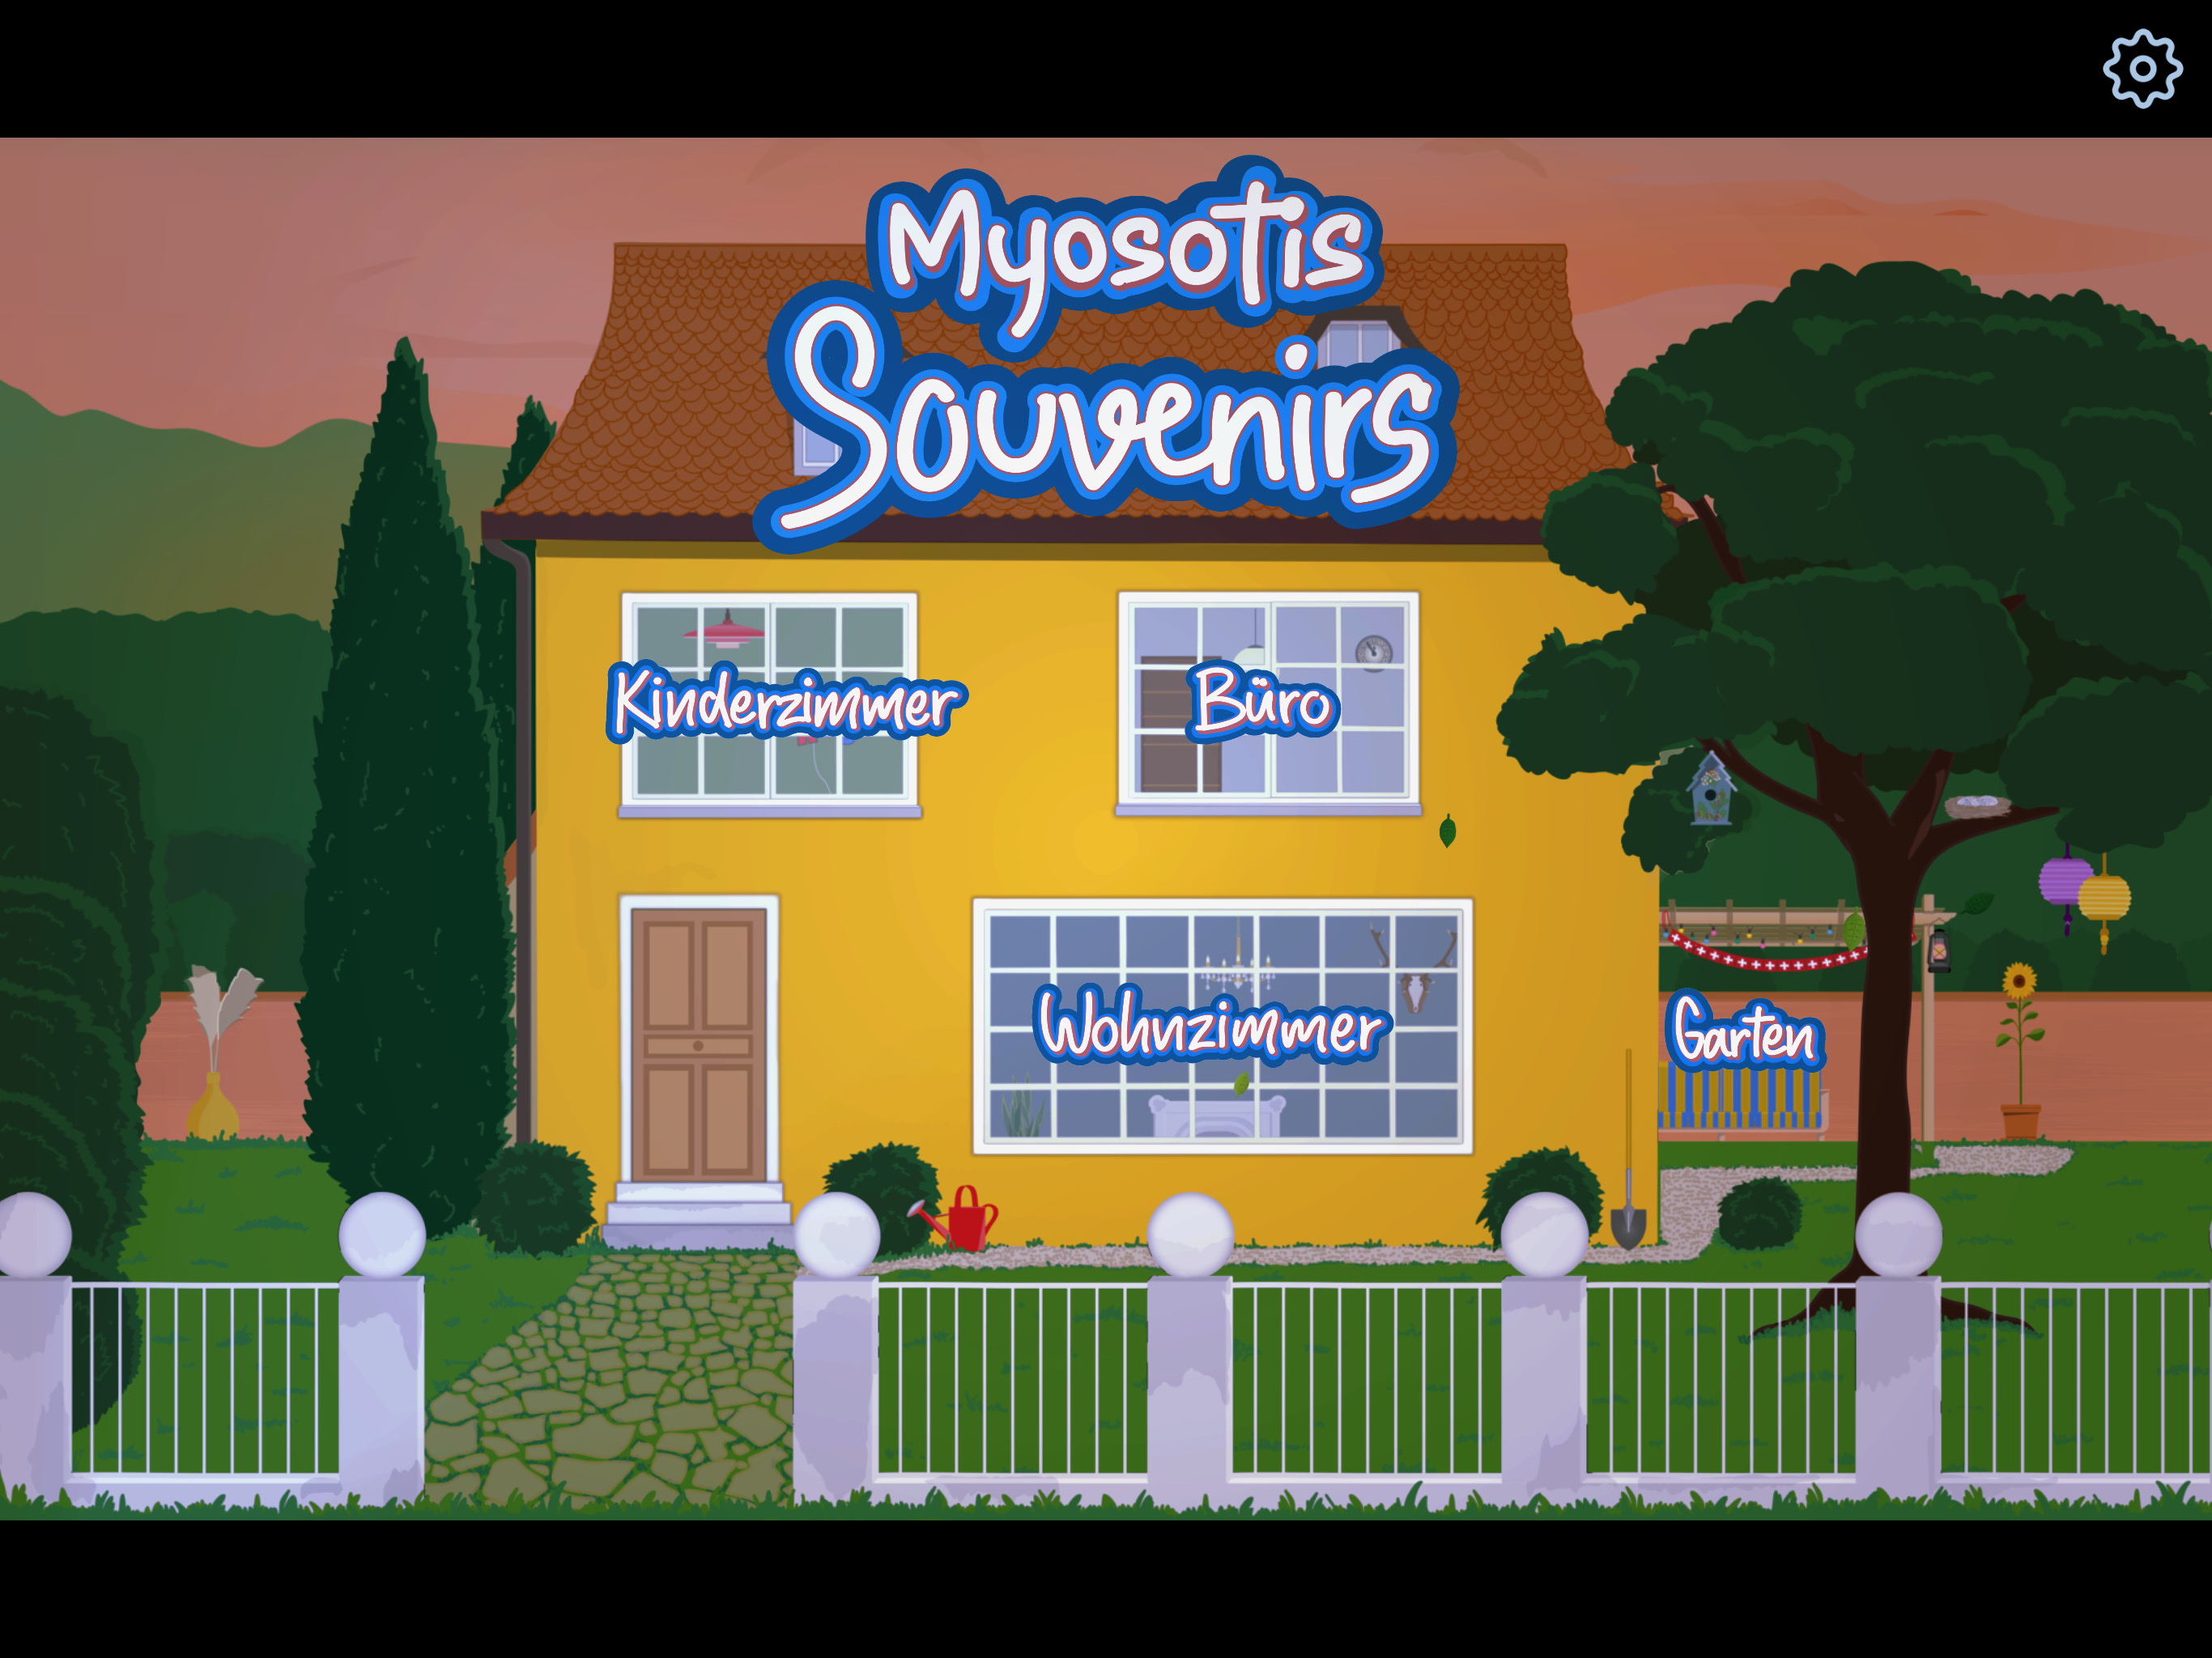 01_Myosotis_Souvenirs.jpeg